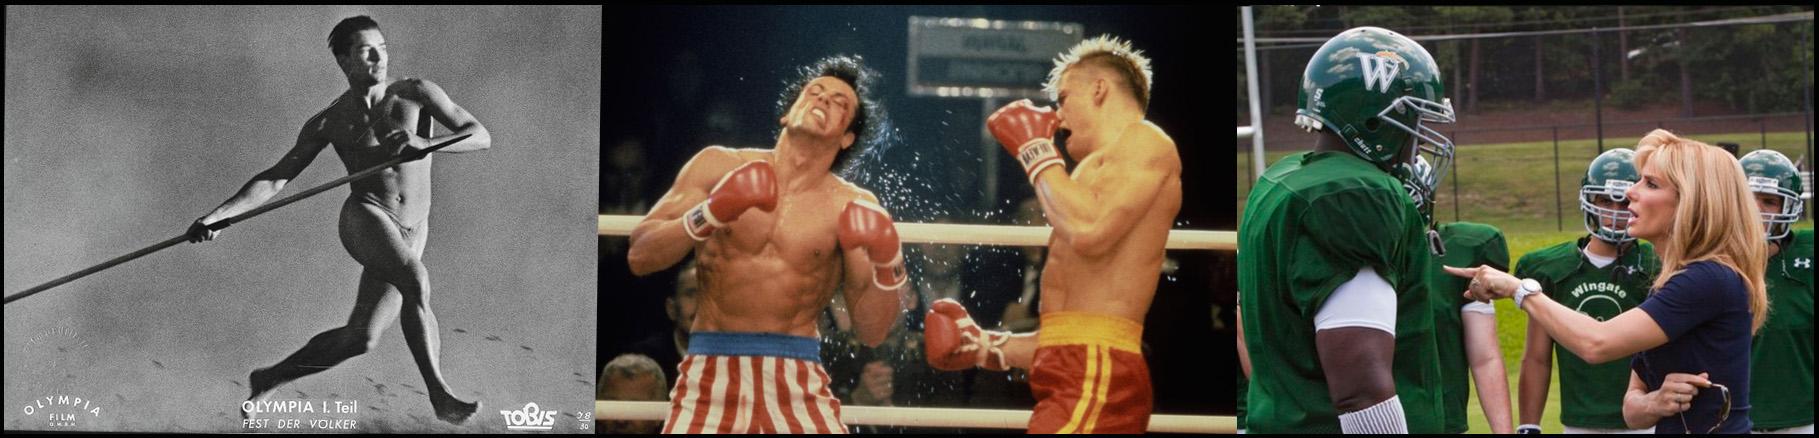 Sportfilm Kontroversen